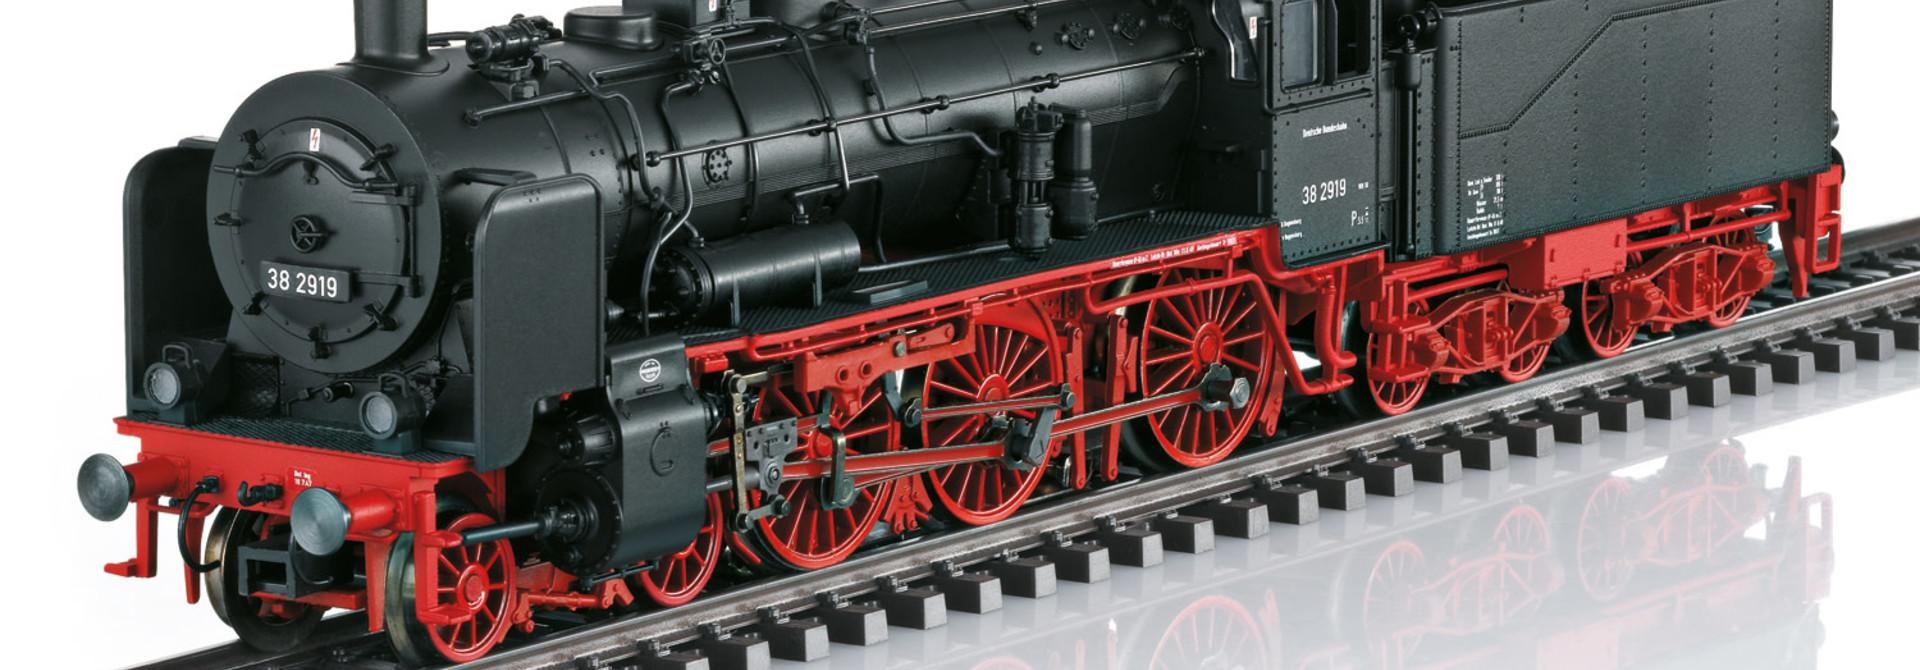 22891 stoomlocomotief BR 38 van de DB met sound